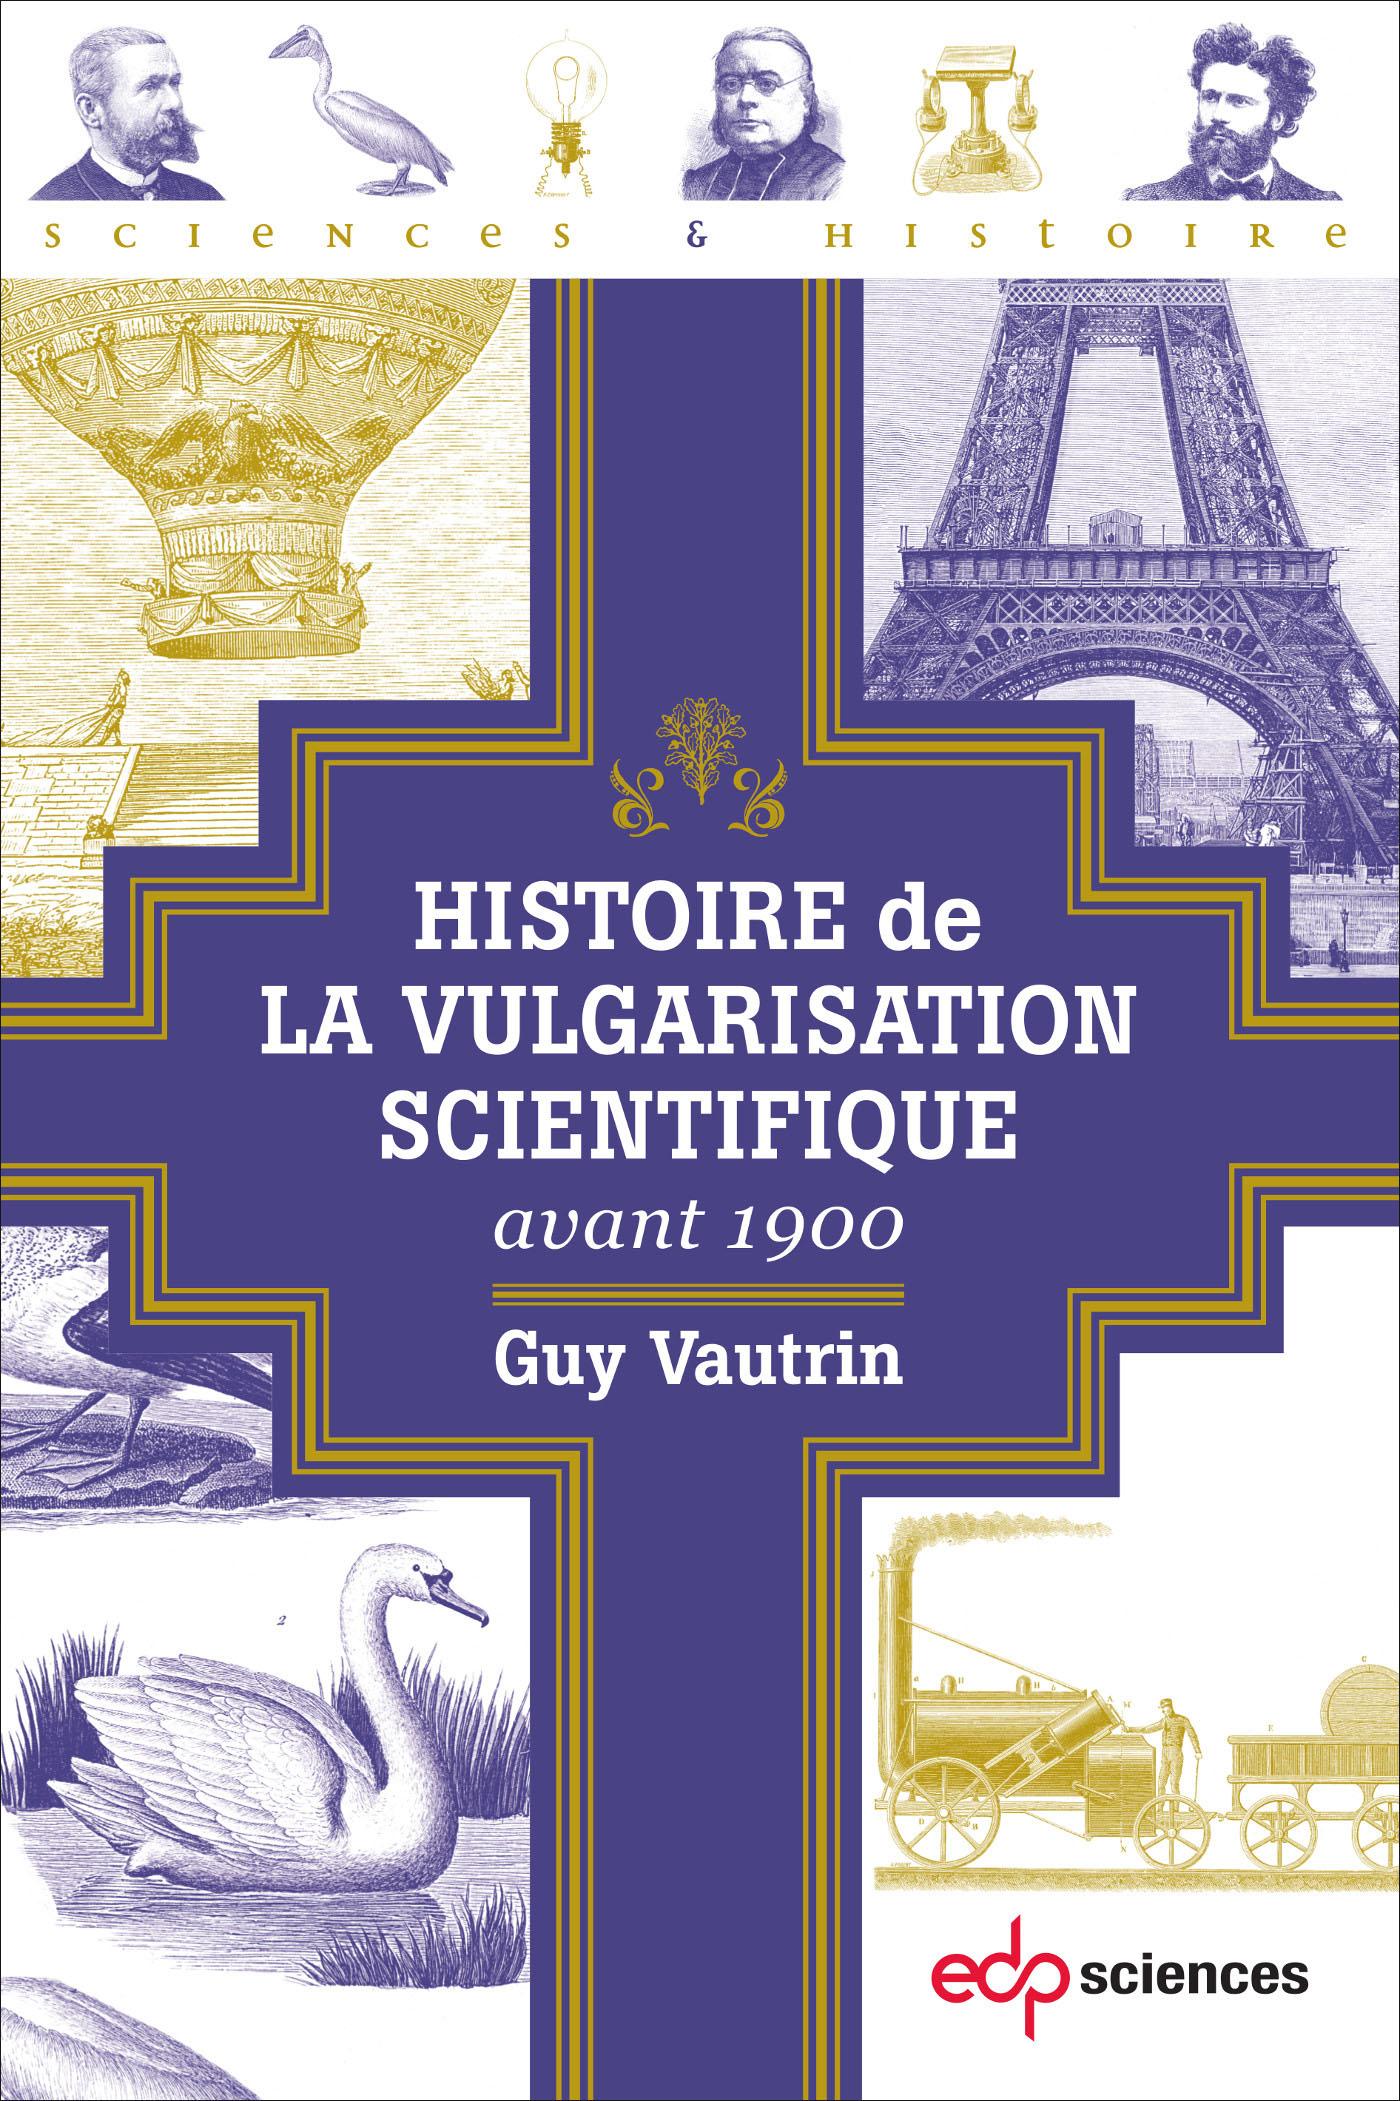 Histoire de la vulgarisation scientifique avant 1900 (G. Vautrin, EDP Sciences, 2018)